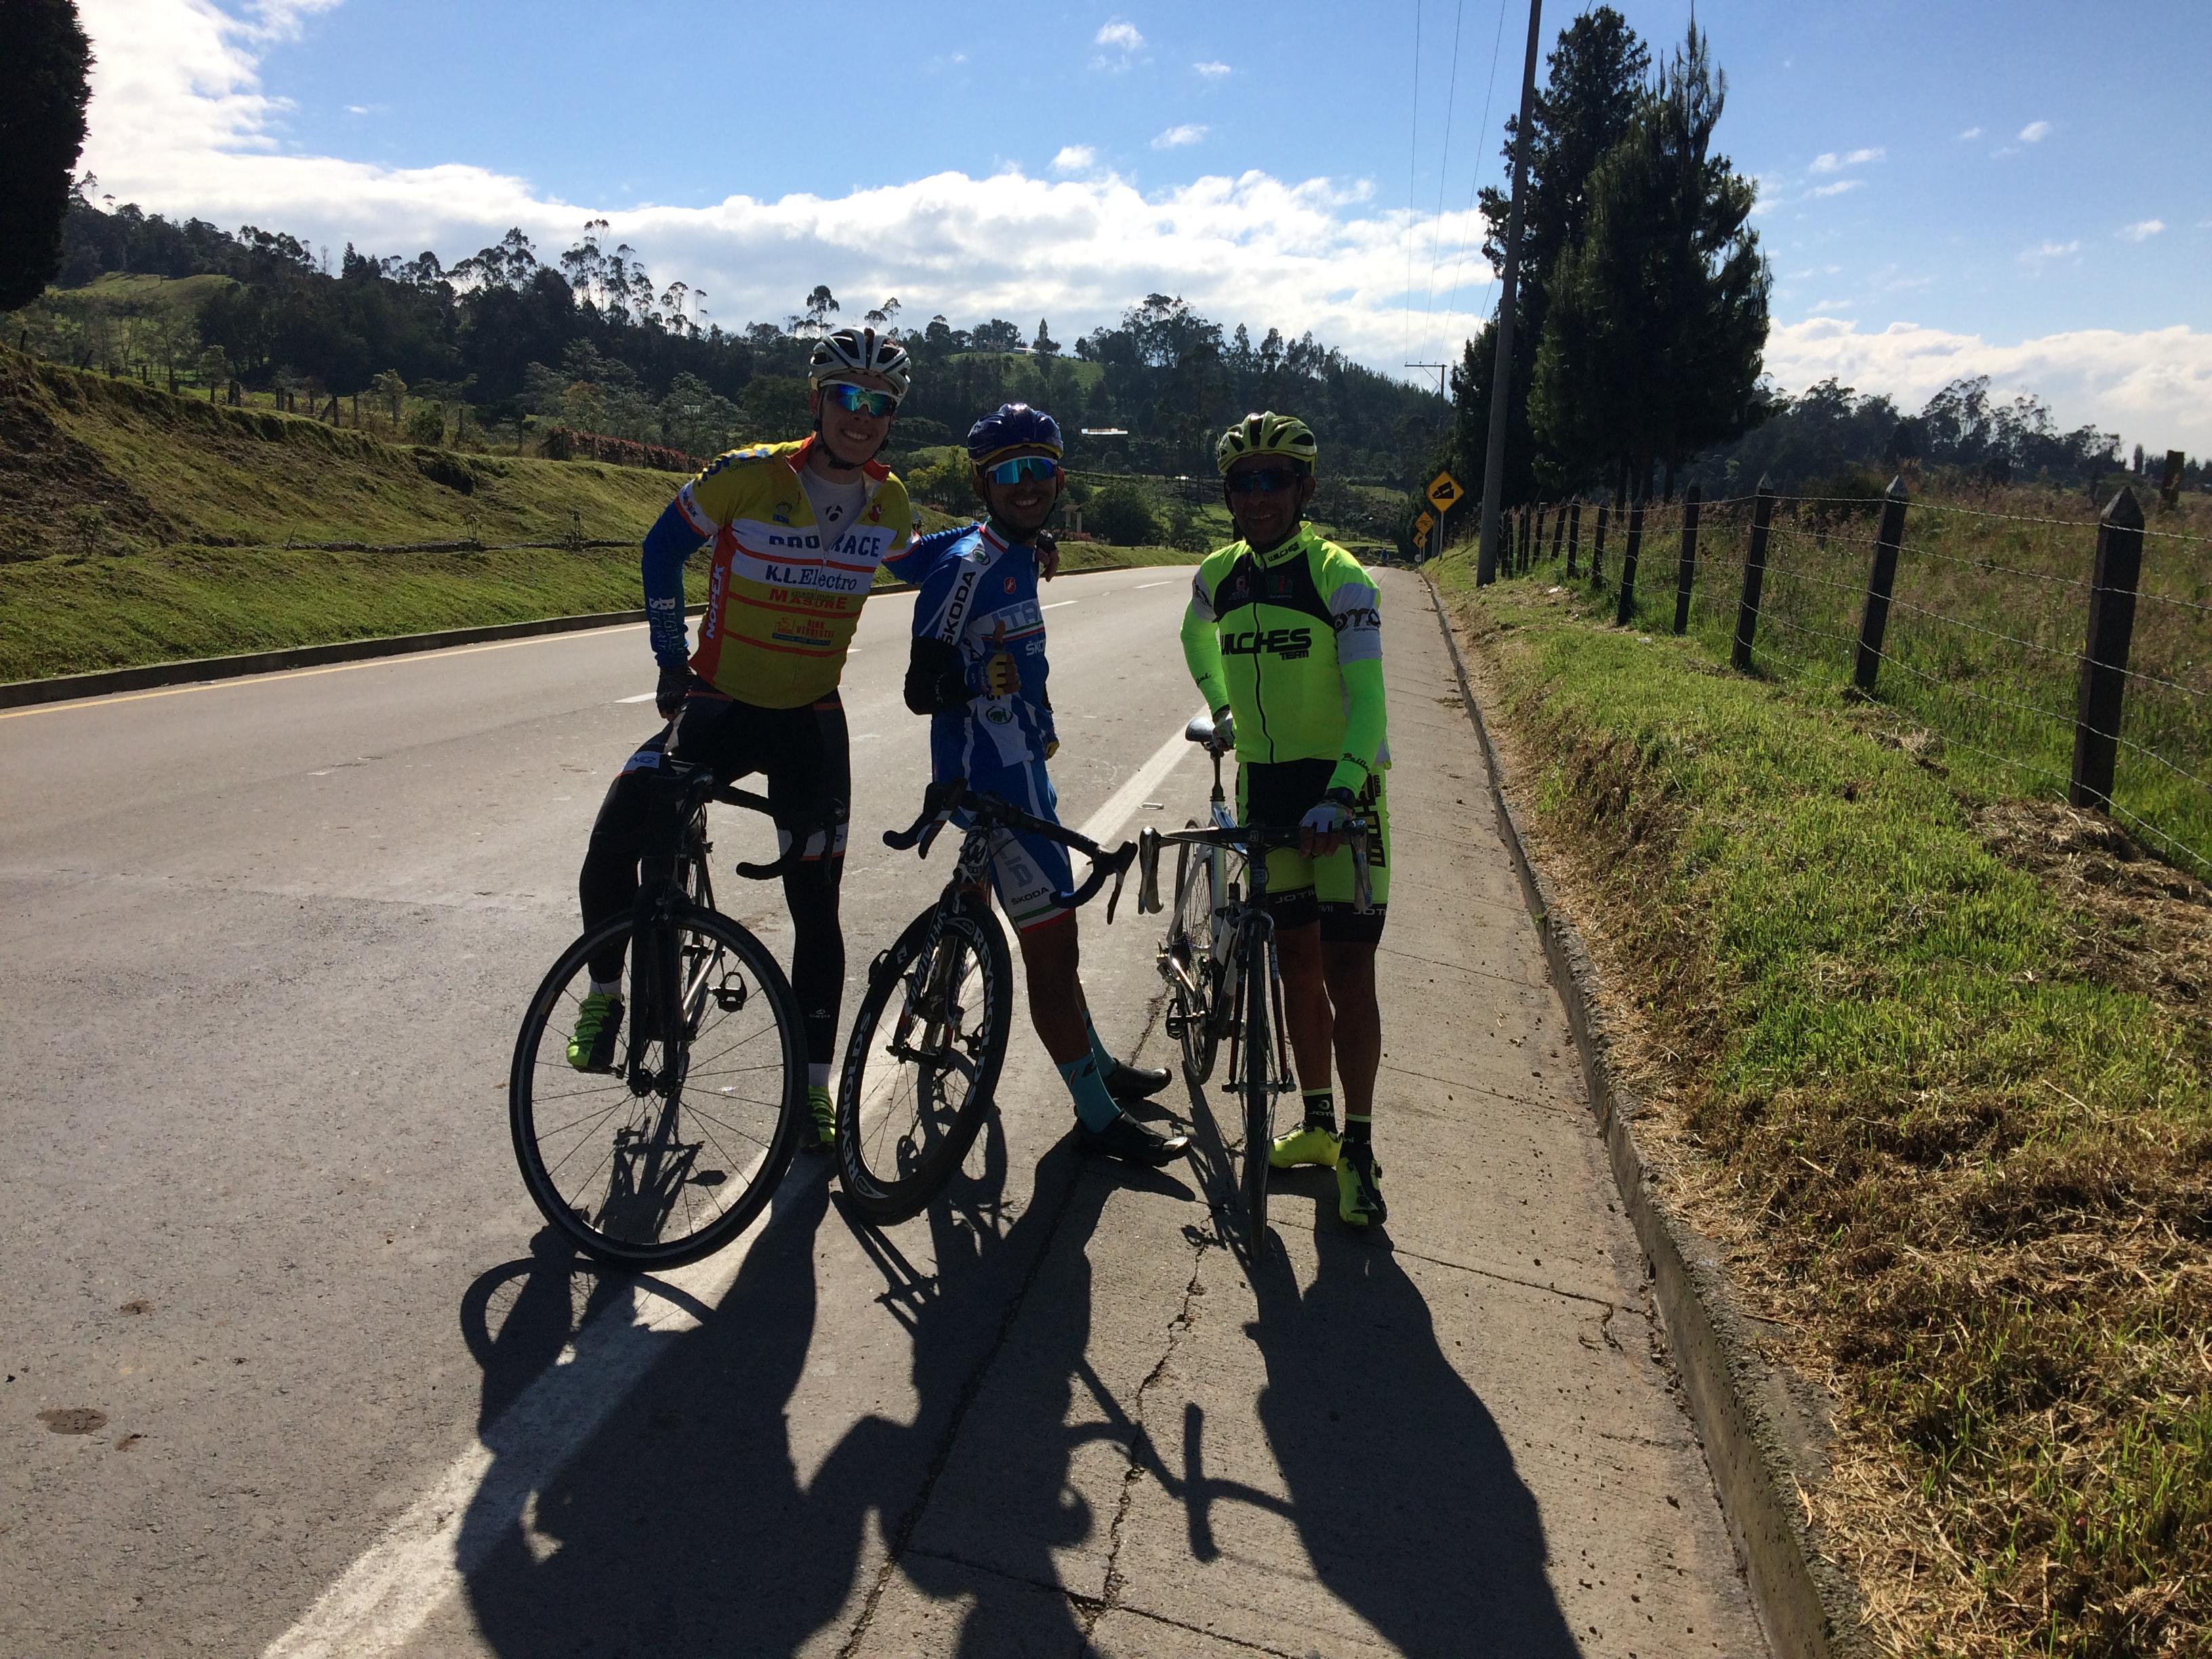 Så langt har det vært veldig bra i Colombia. Trykk på bildet for å lese hvilke 3 ting jeg er mest imponert over.